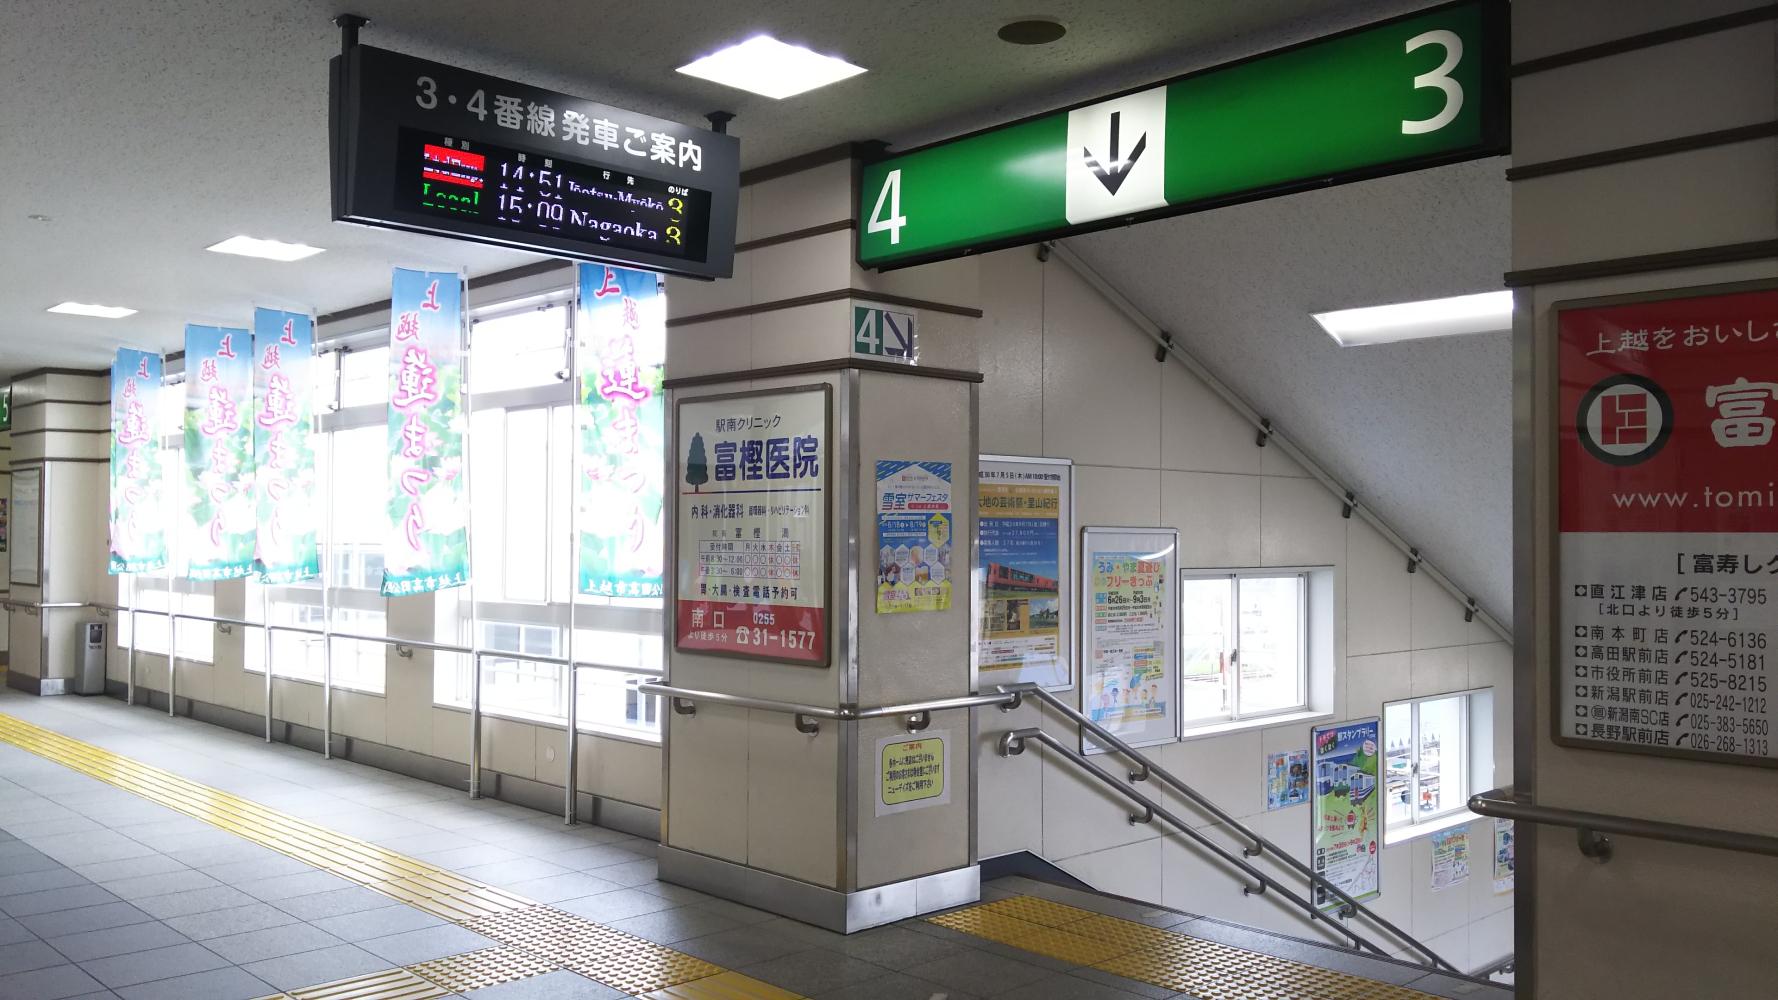 naoetsu_sta3-3.jpg